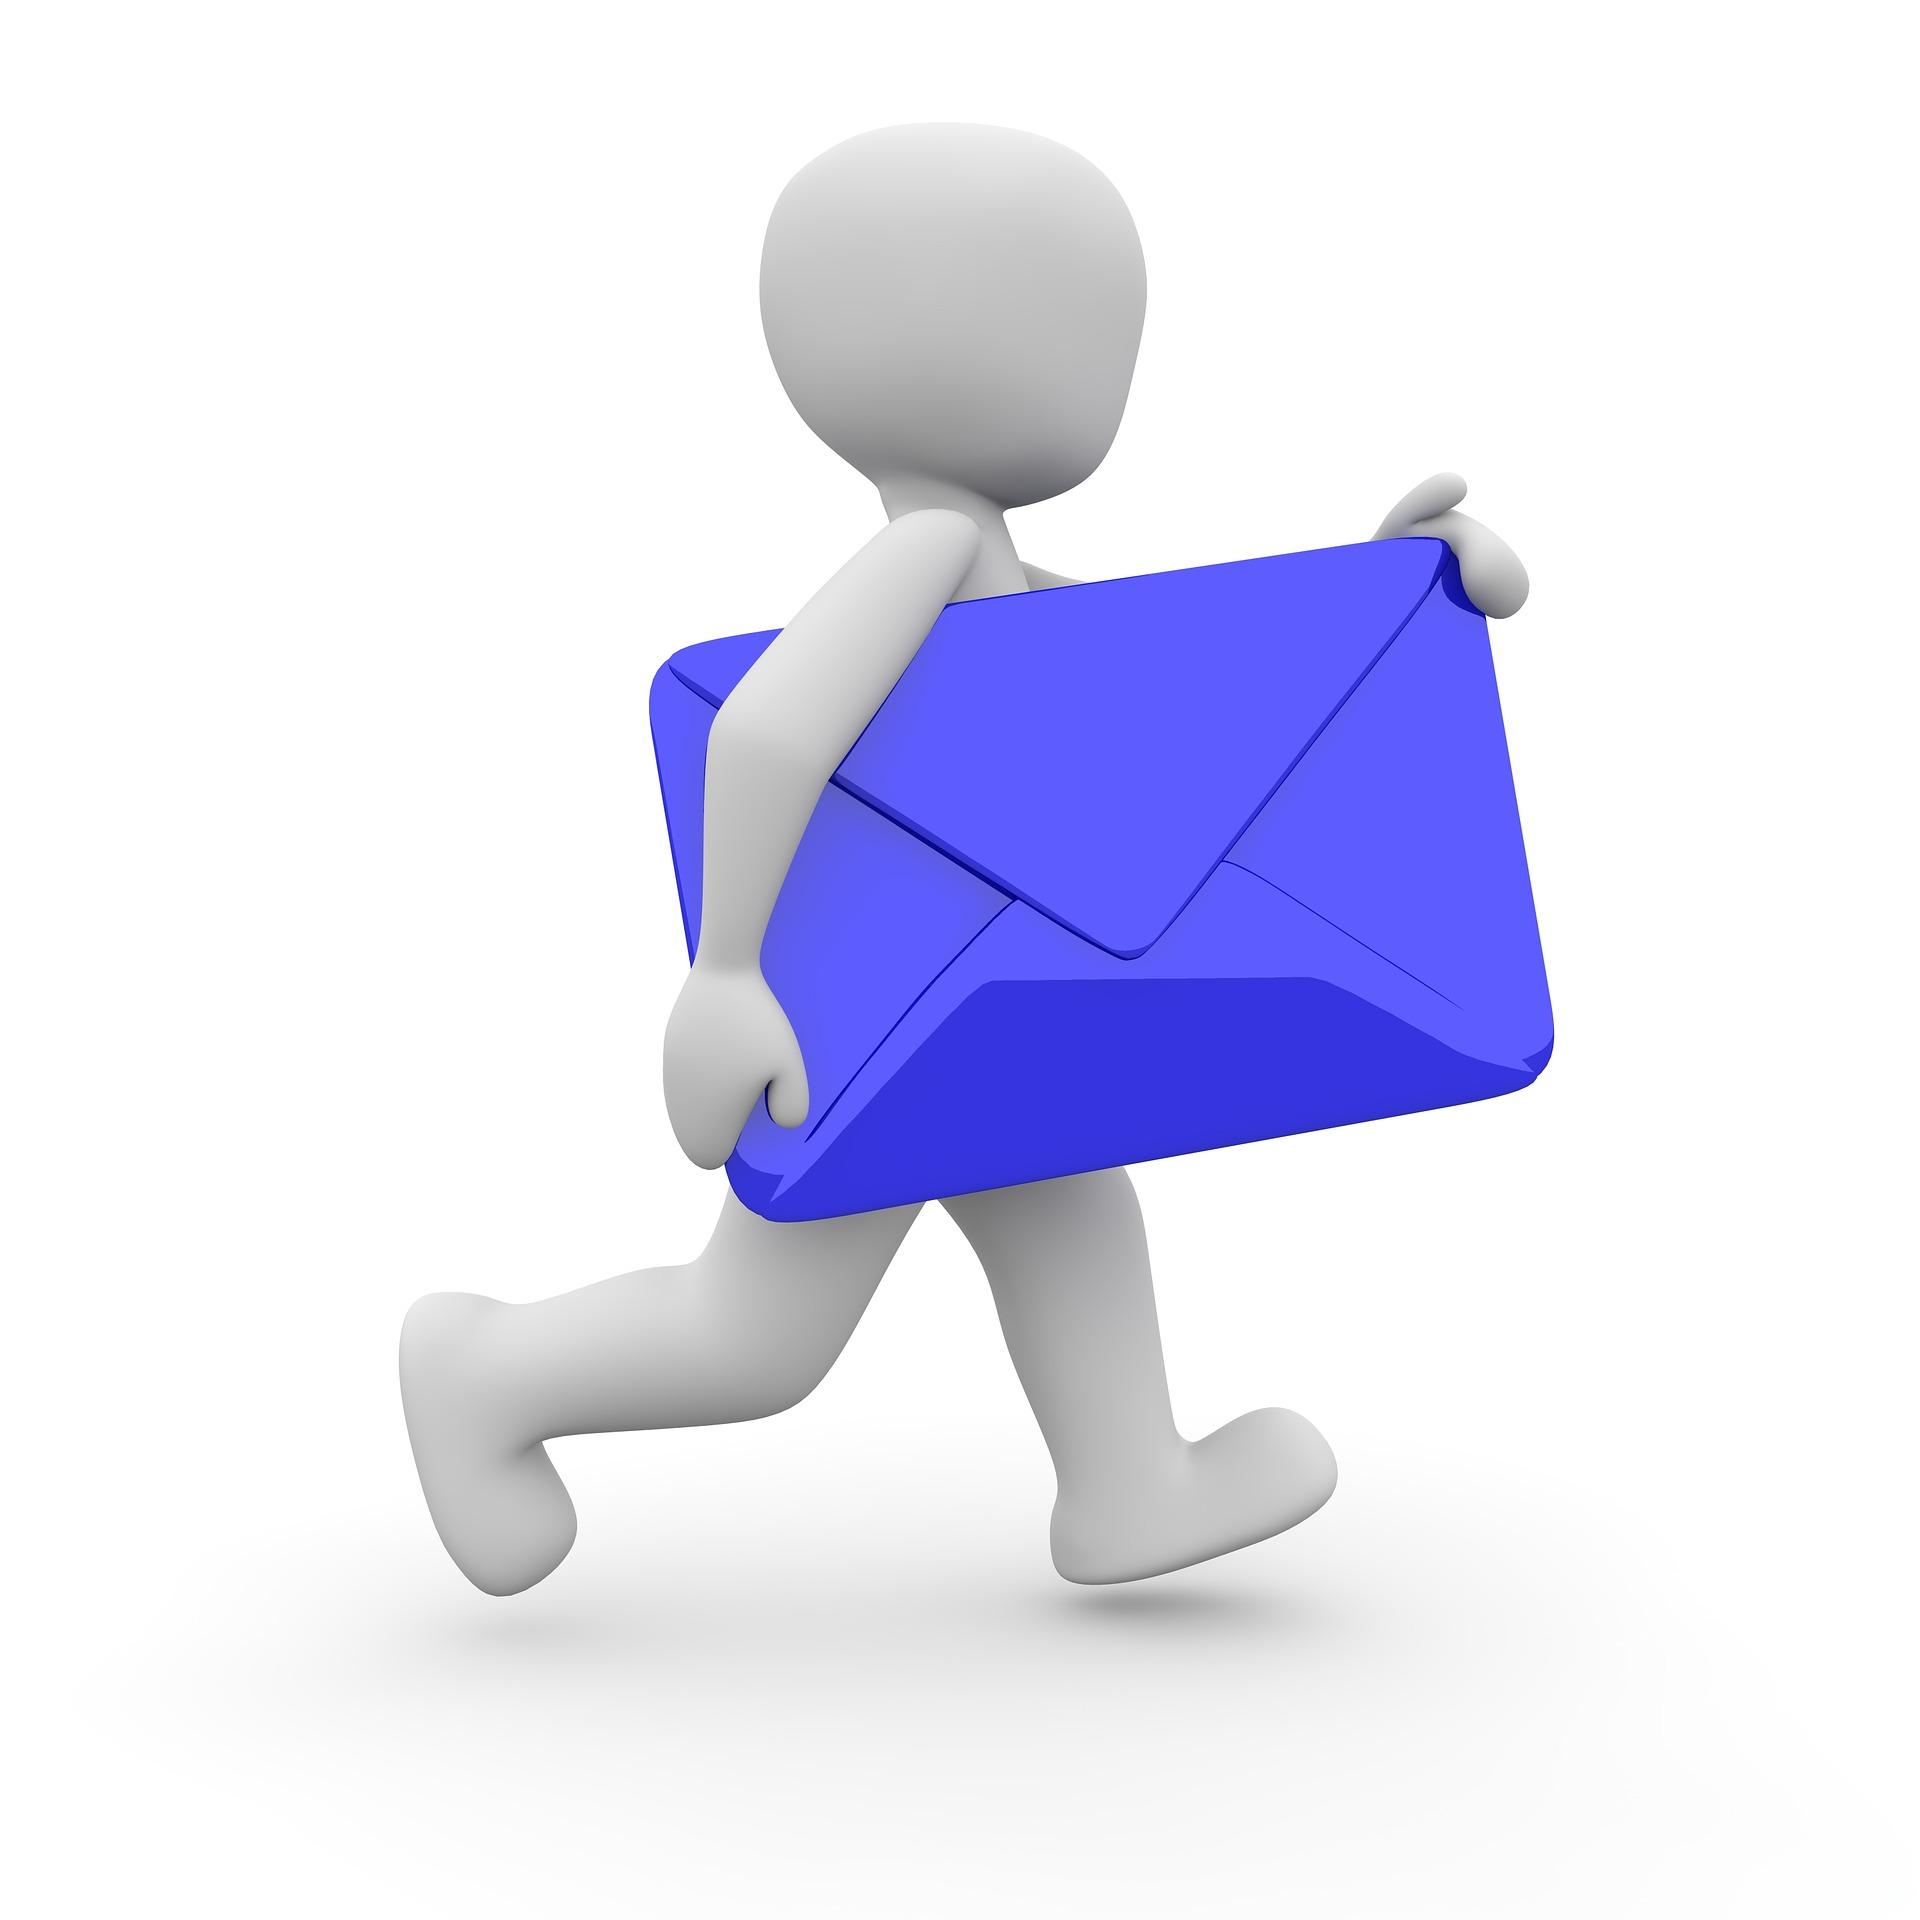 affiliate marketing, arbeiten von zu hause, e-mail marketing, klick-tipp, network marketing, online business, online geld verdienen, schnell geld verdienen